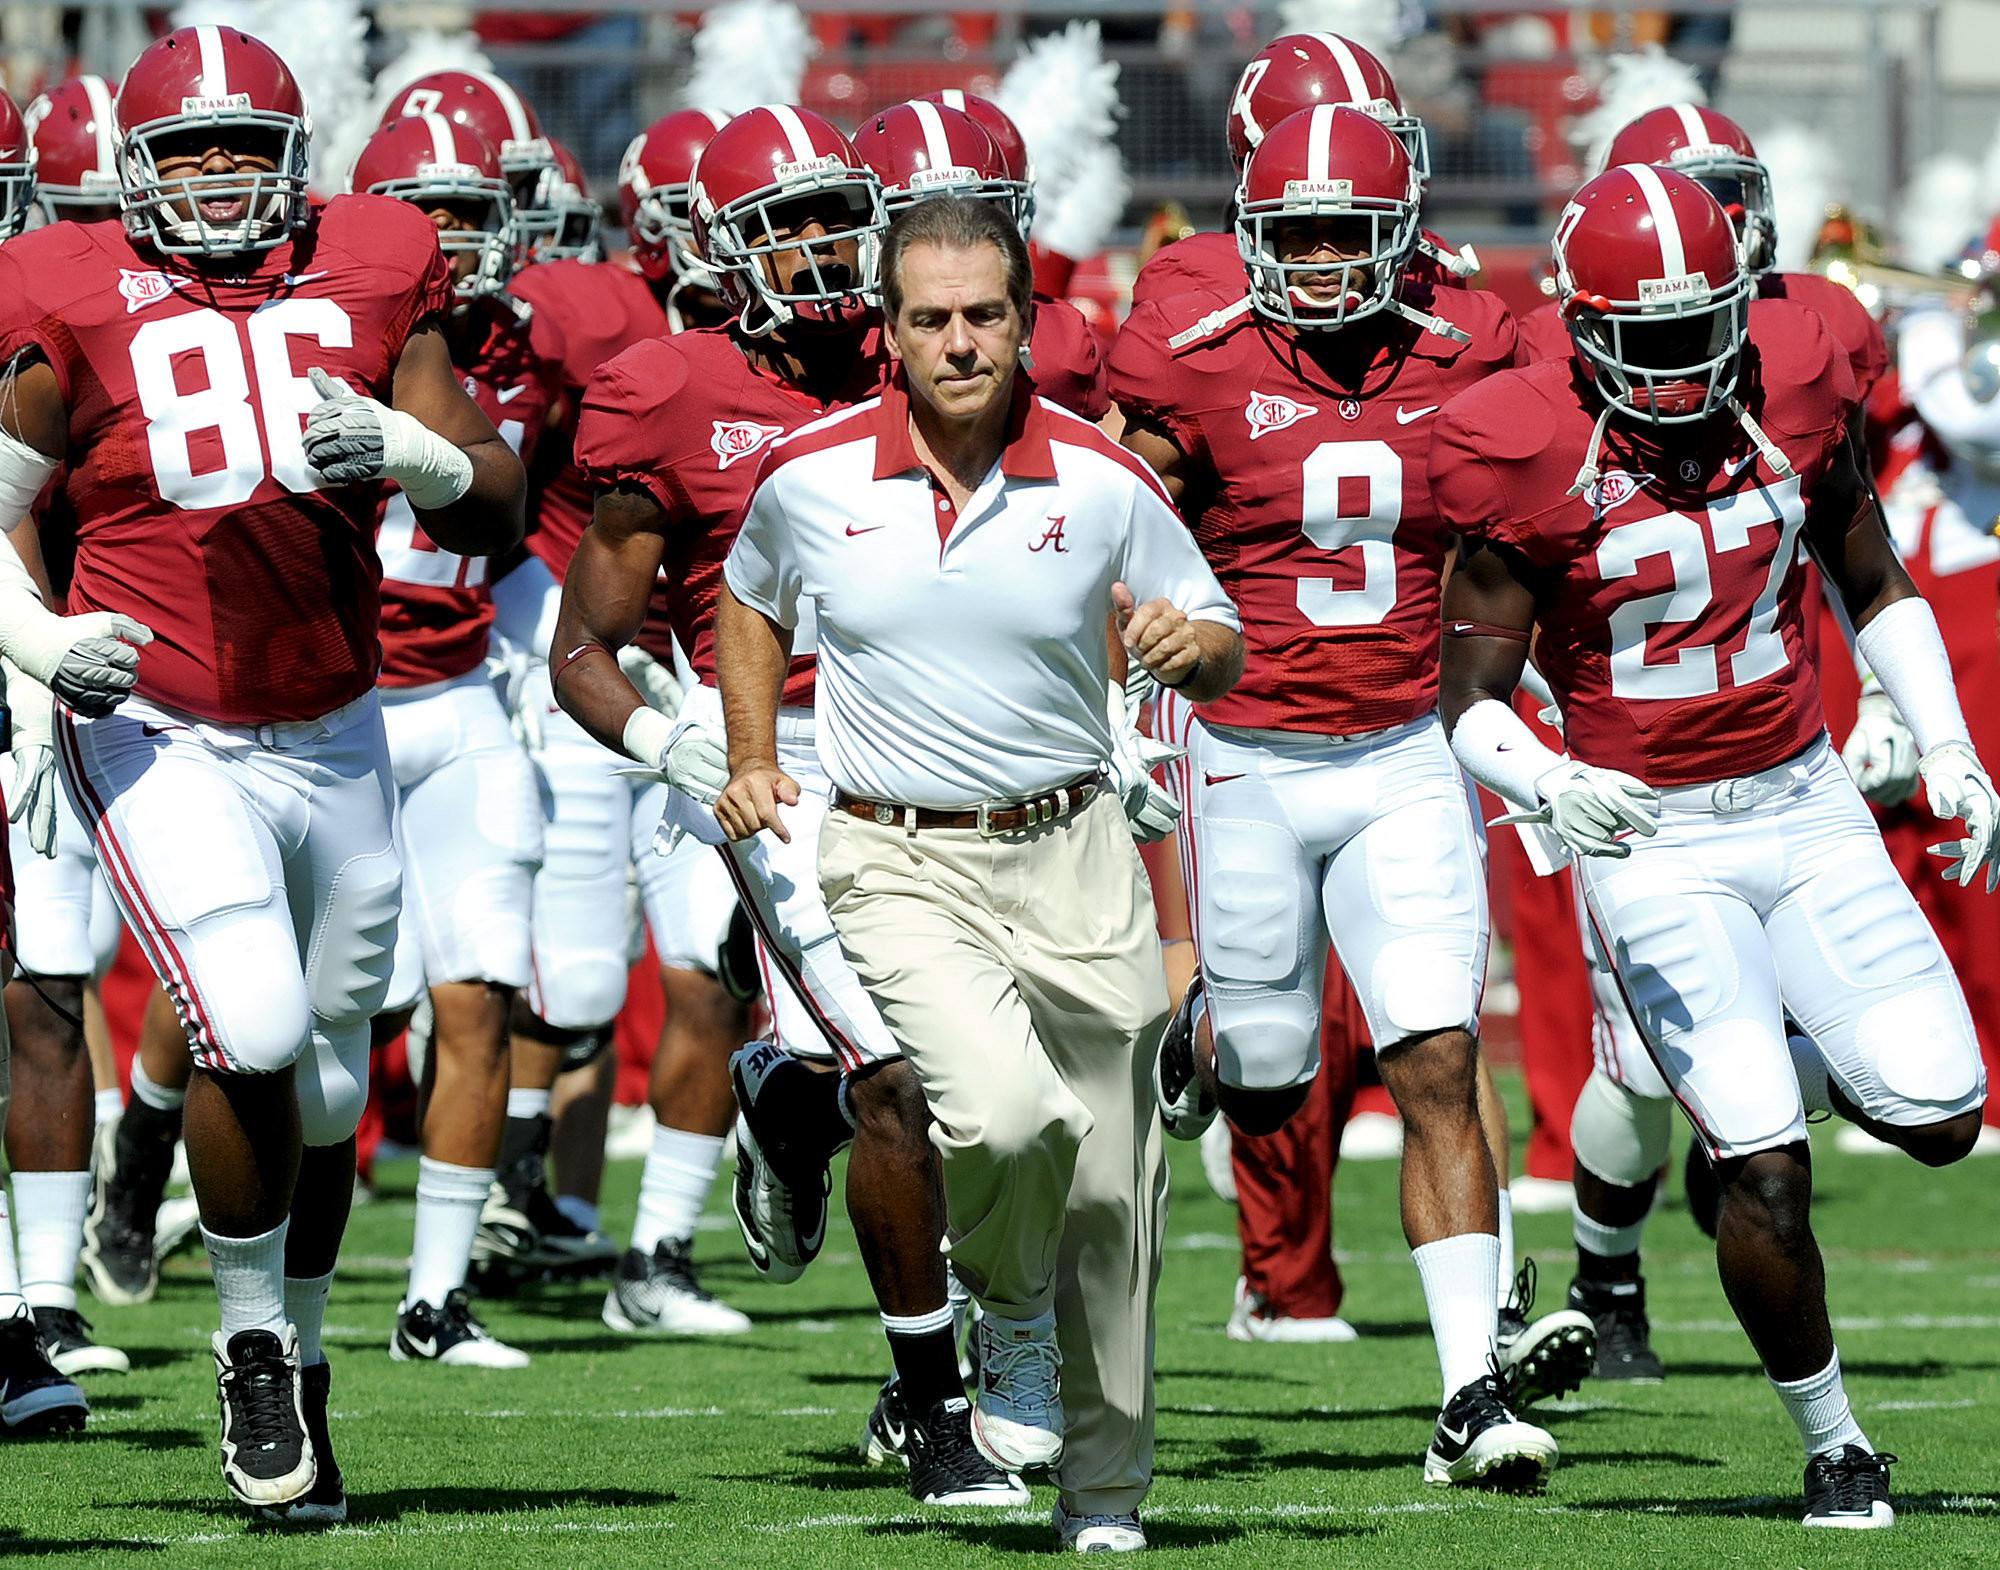 Alabama Football Screensavers and Wallpaper – WallpaperSafari